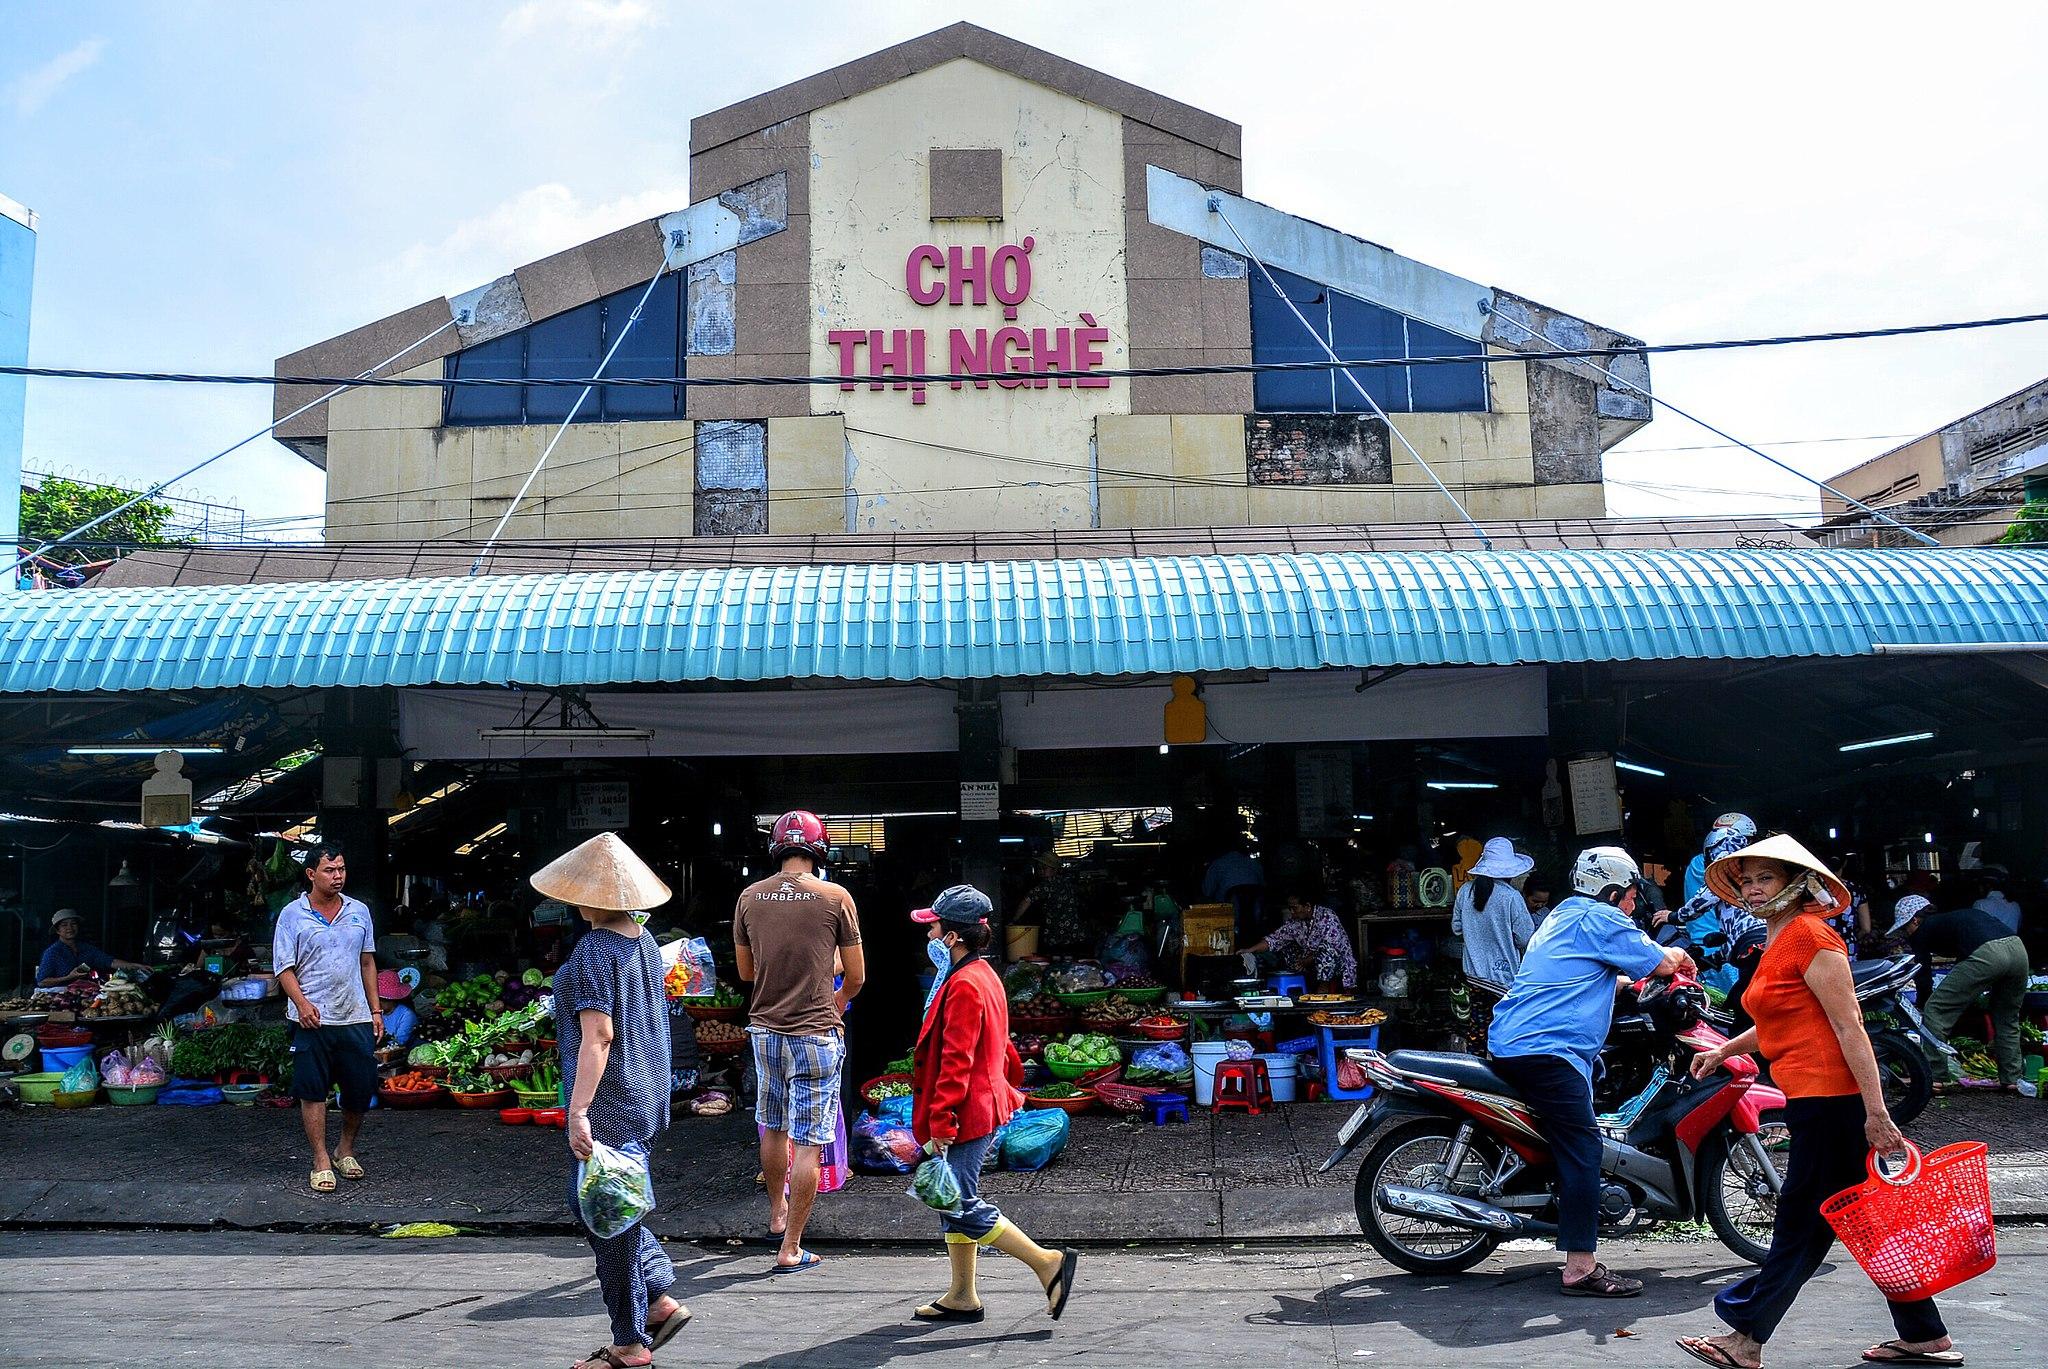 thi-nghe-market